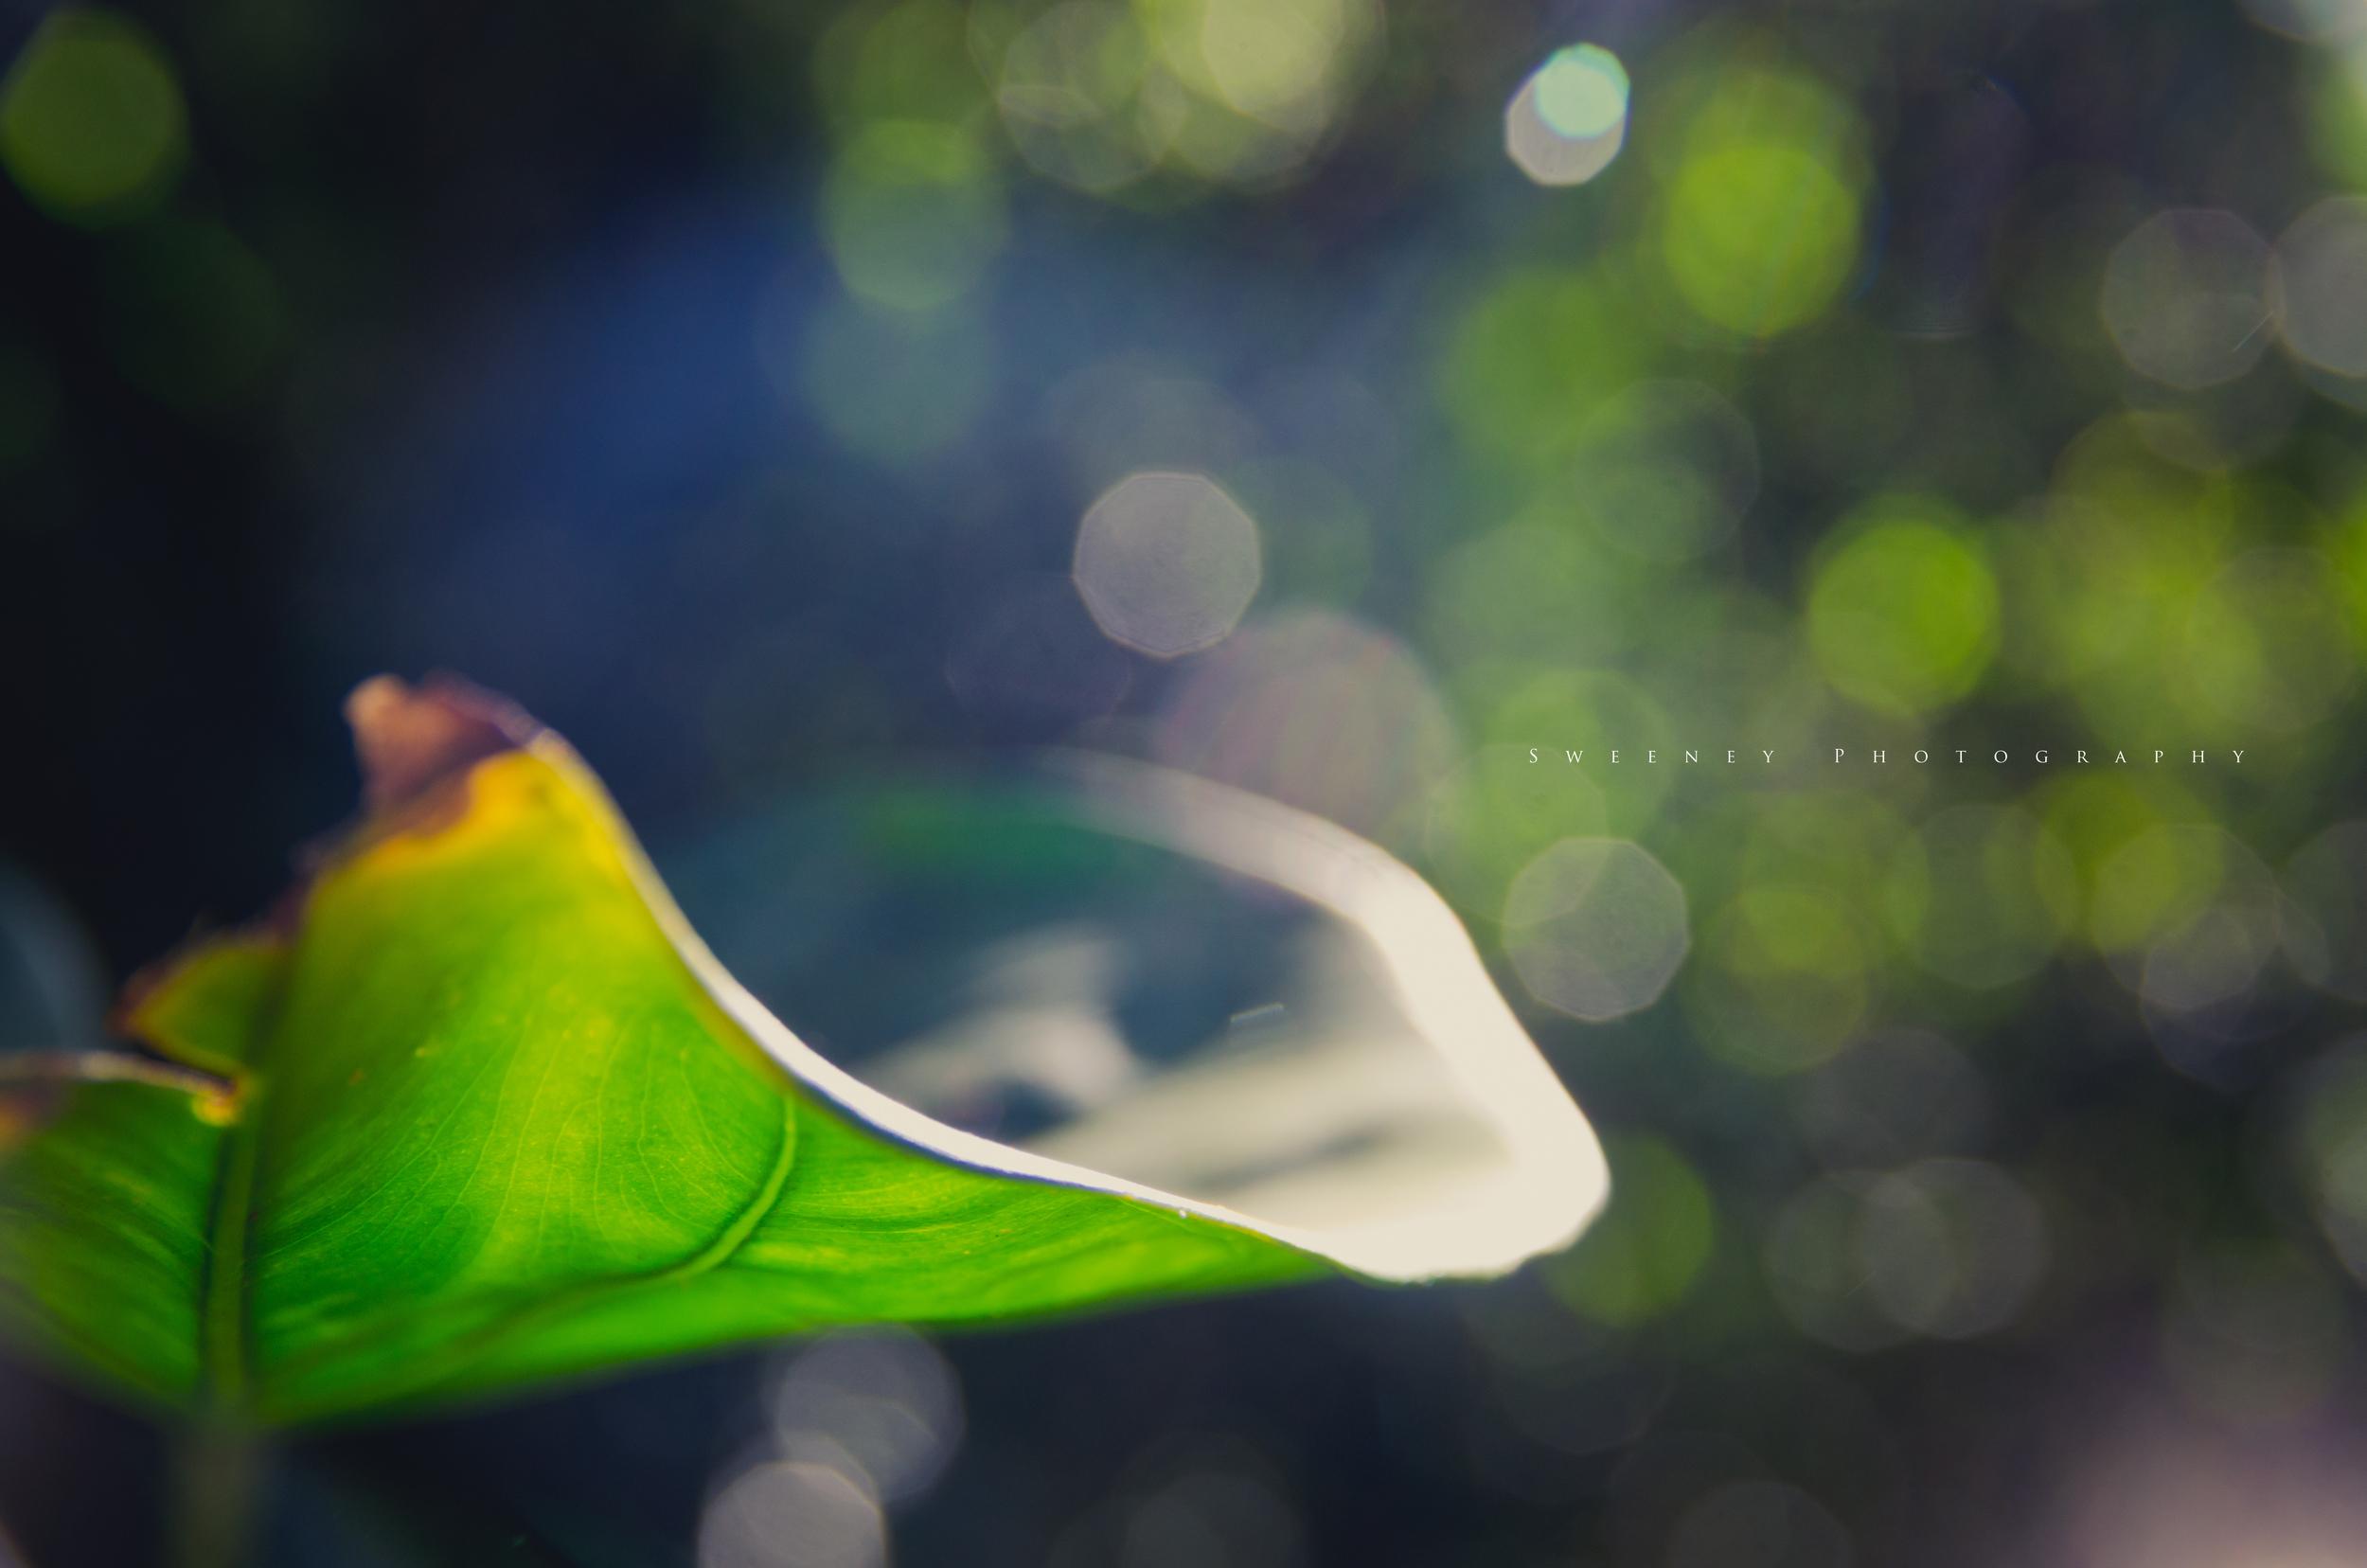 Leafy.jpg